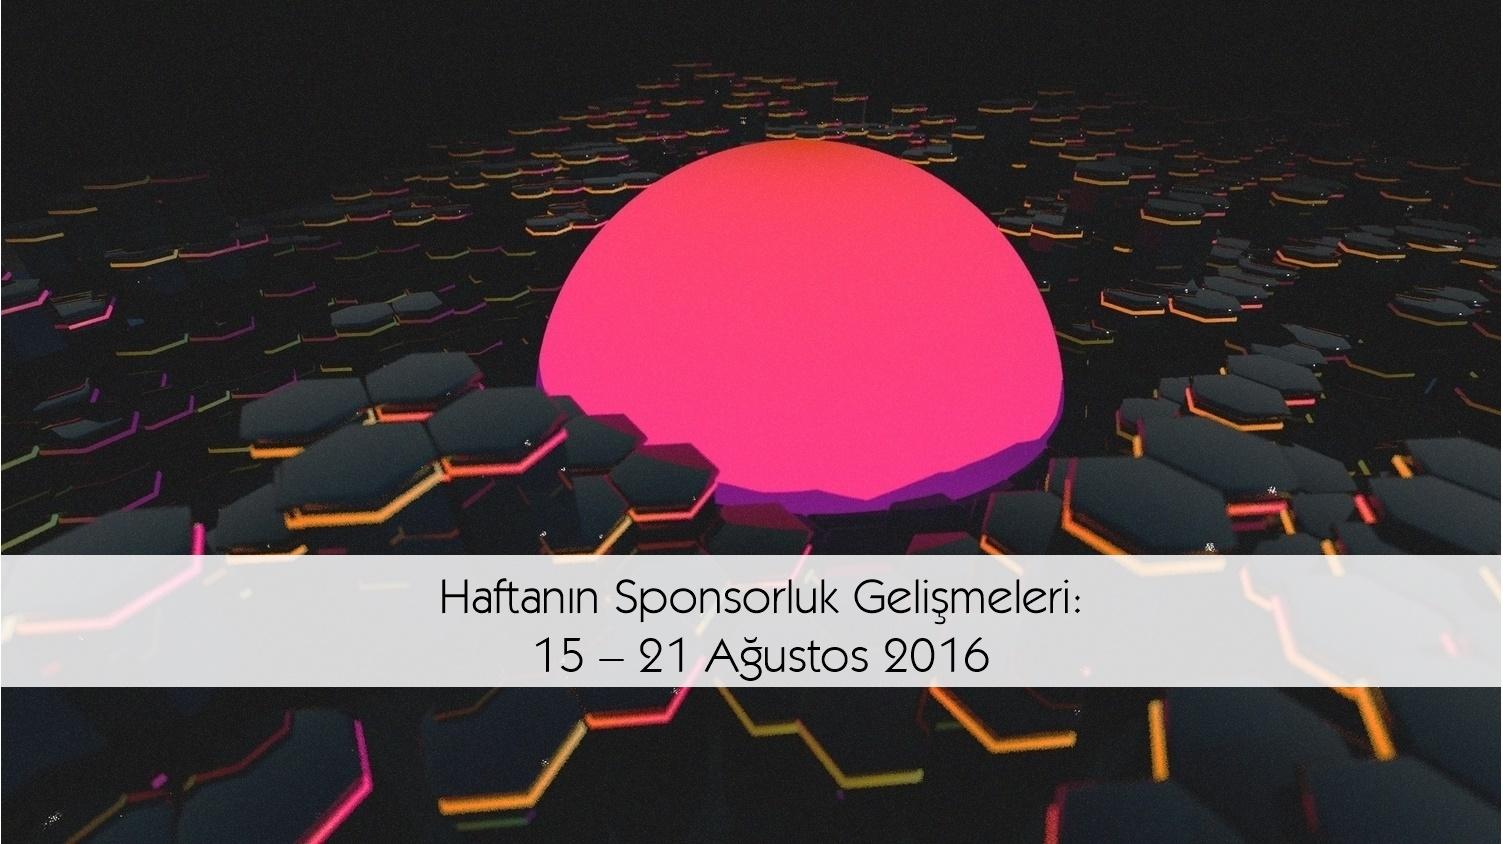 Haftanın Sponsorluk Gelişmeleri: 15 – 21 Ağustos 2016